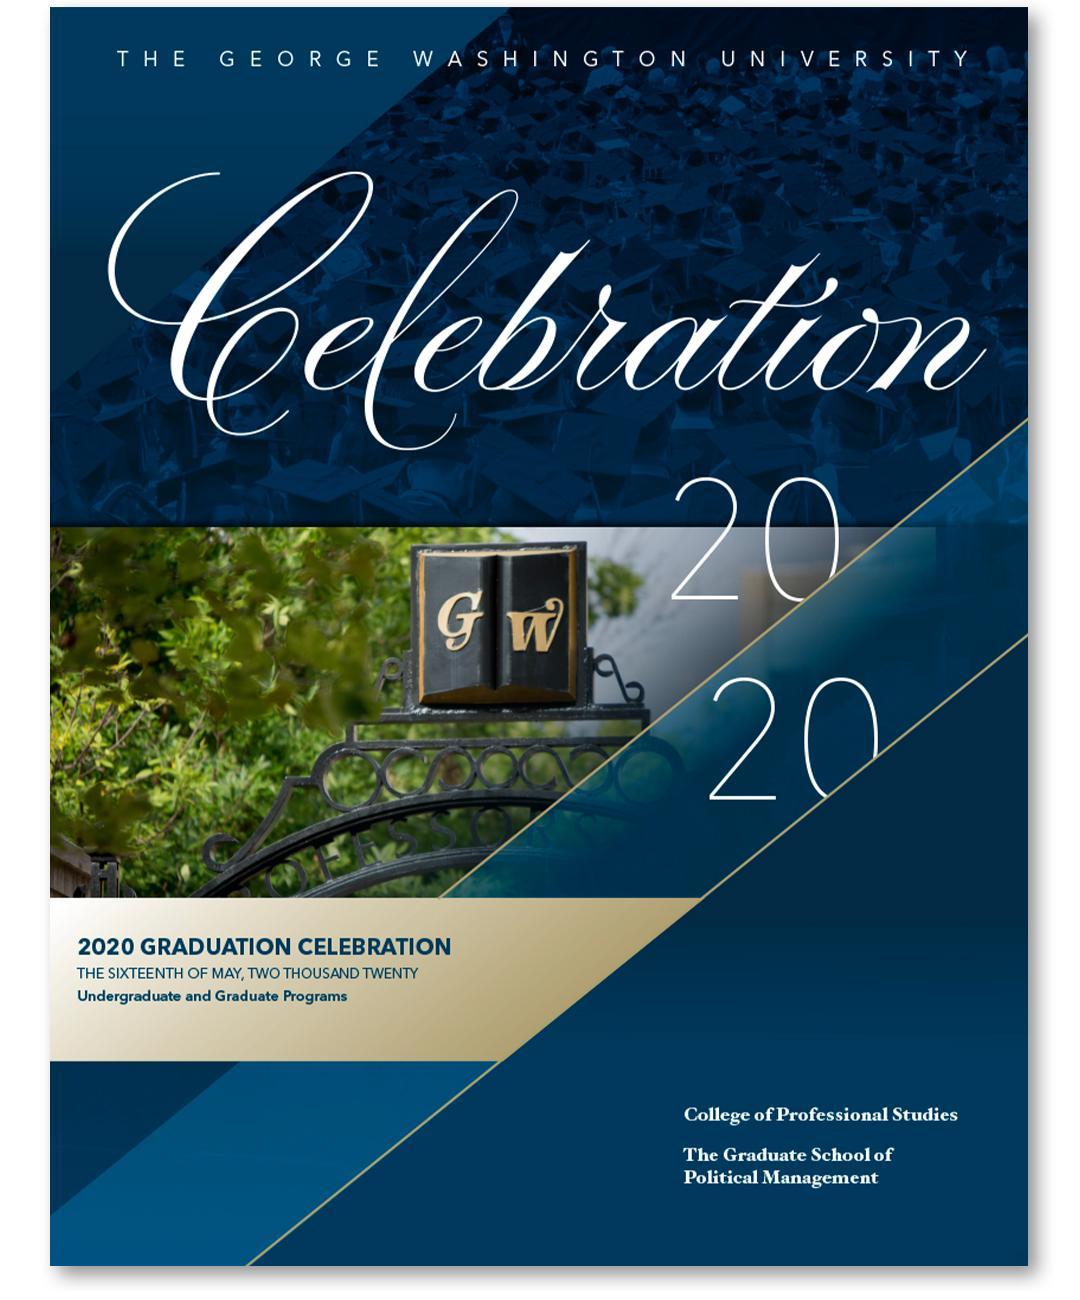 Celebration 2020 GW Commencement program